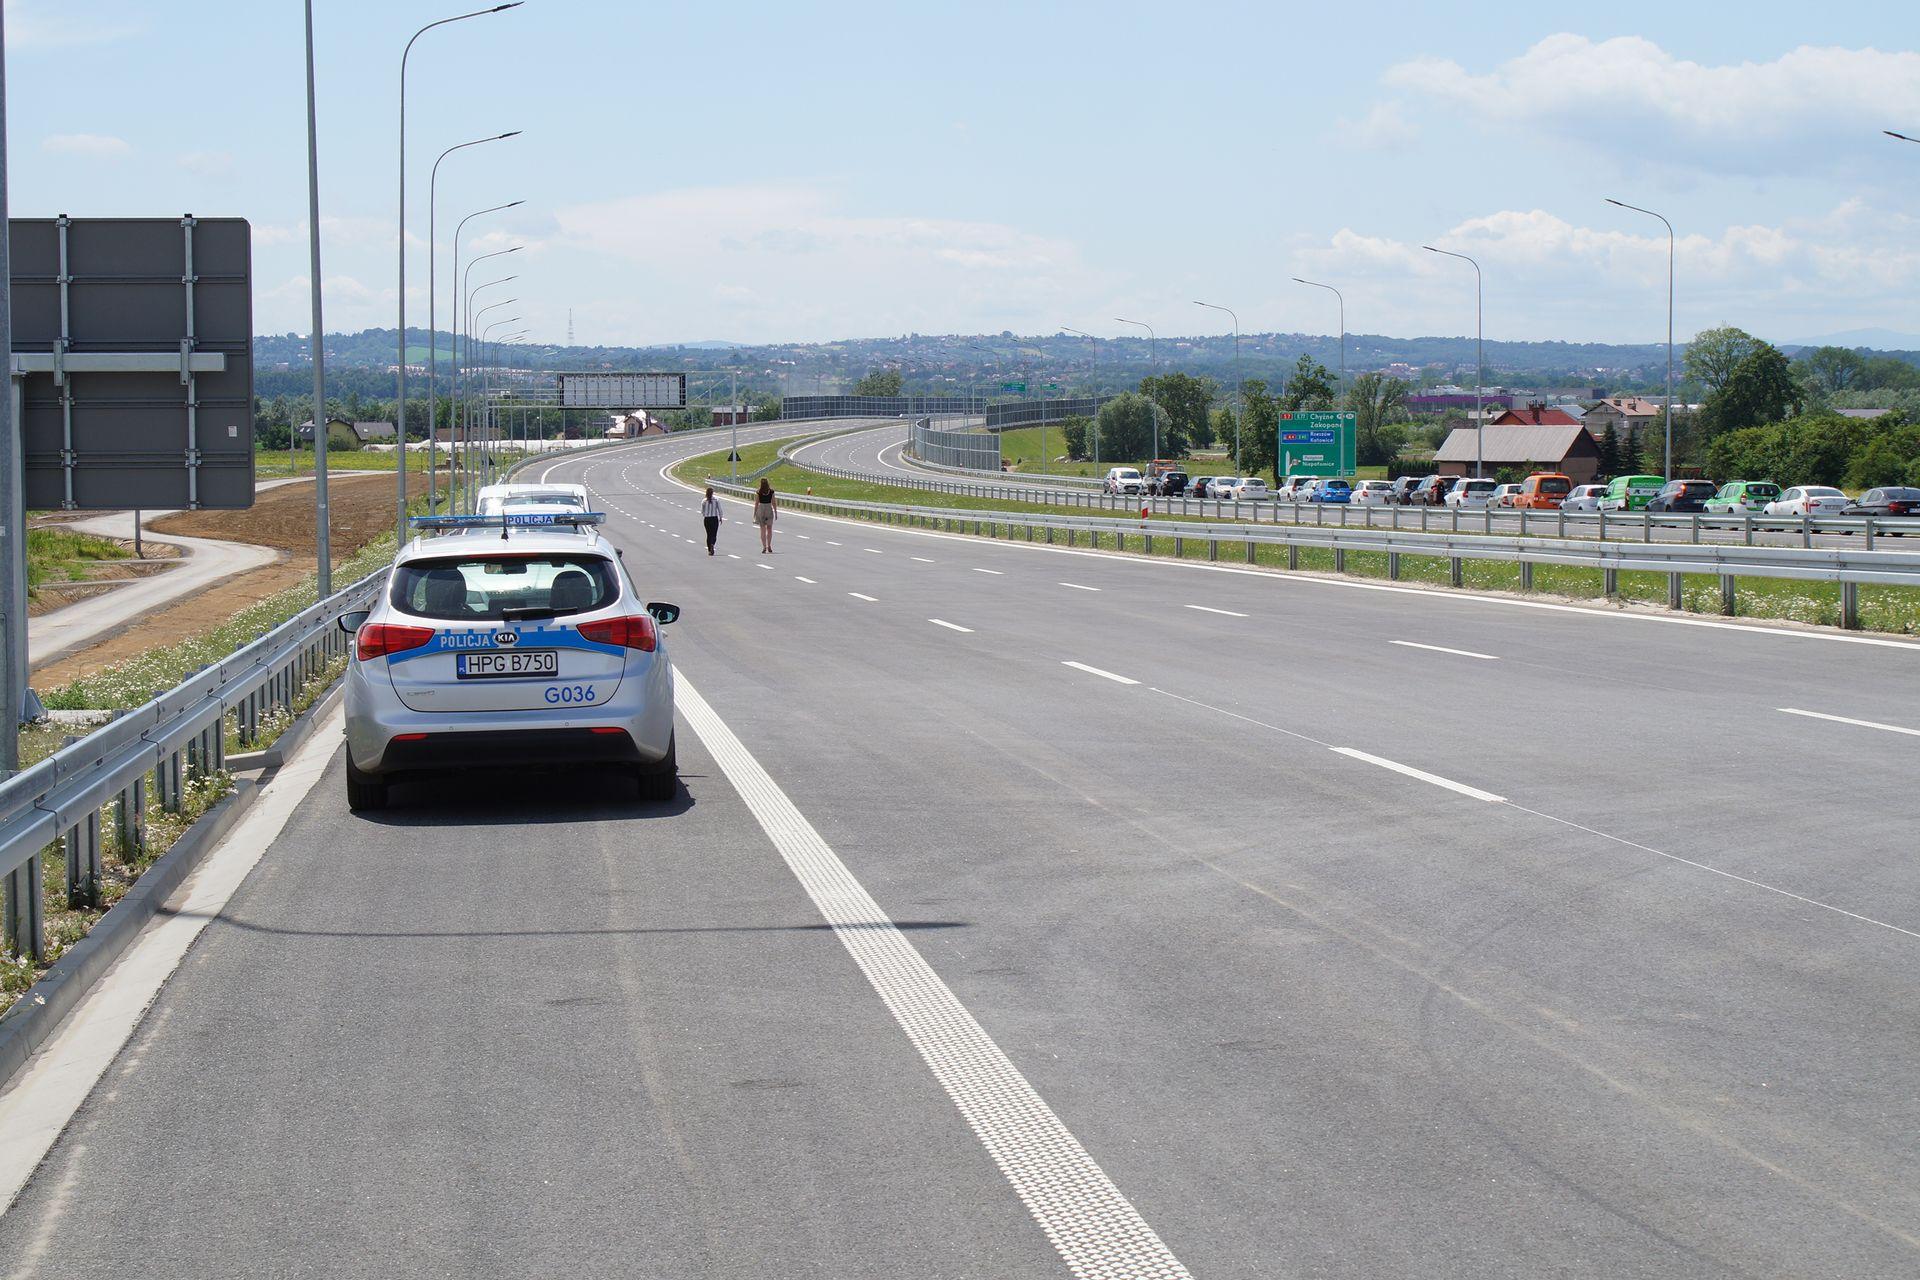 [małopolskie] Trwa ostra rywalizacja firm o budowę kolejnych odcinków S7 do granicy województwa świętokrzyskiego